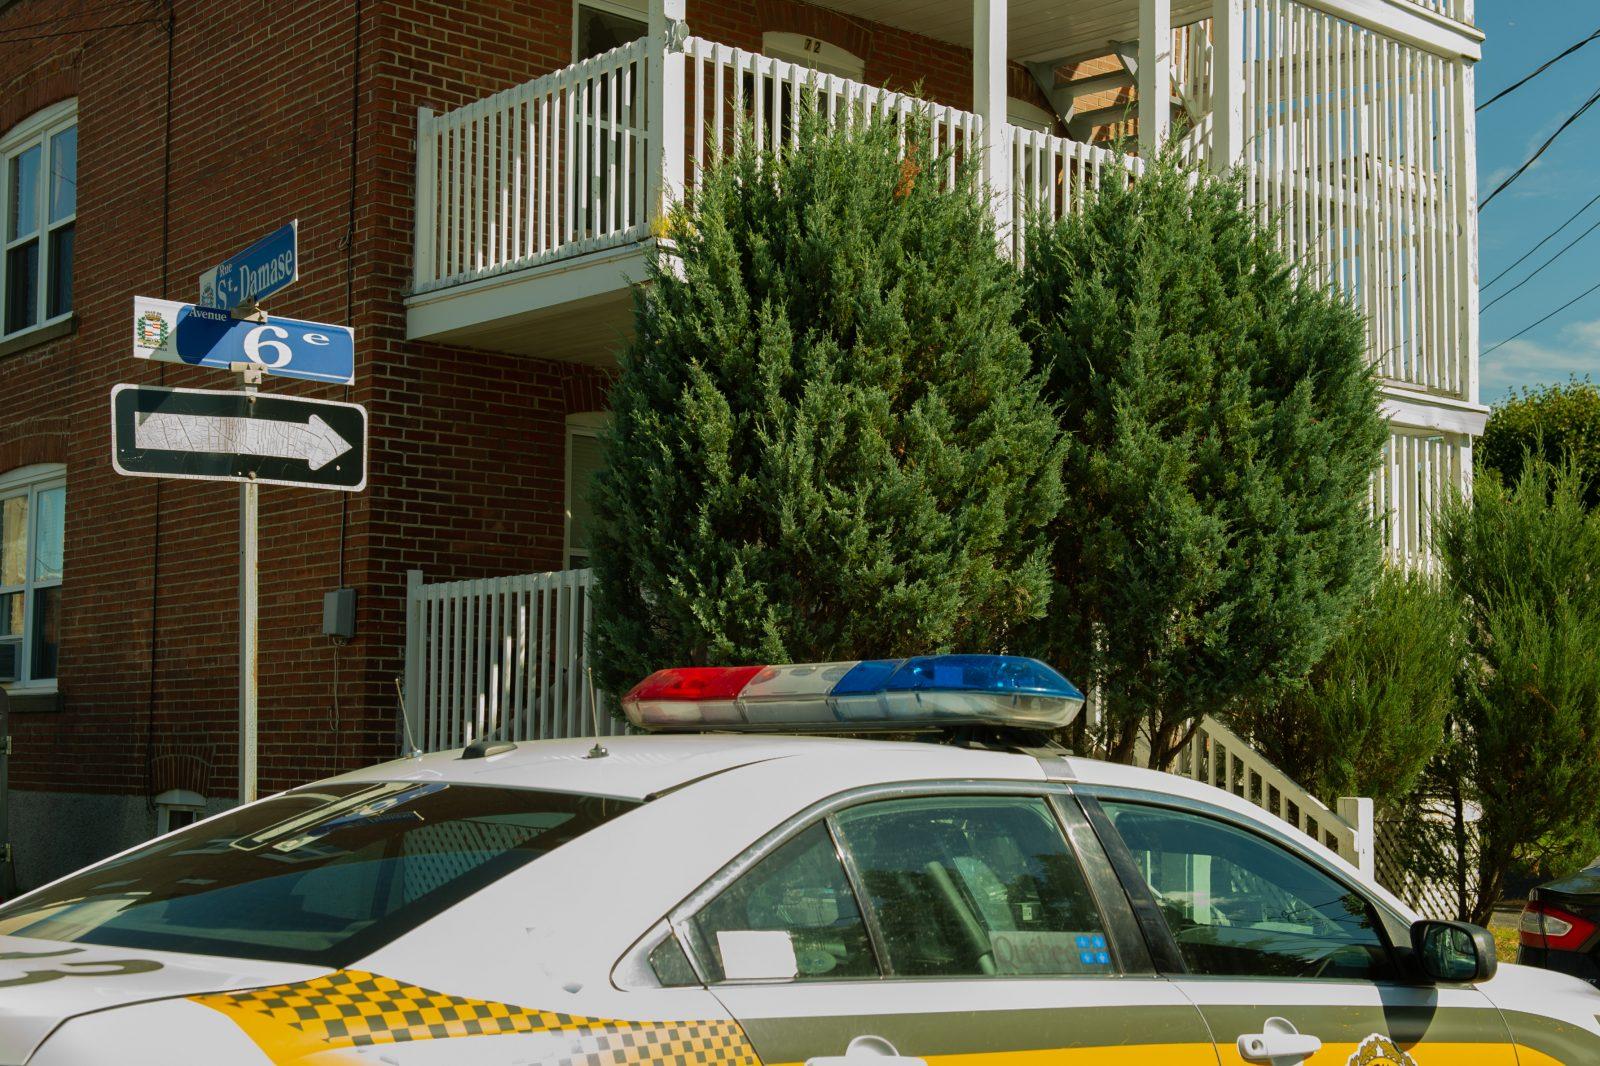 Une Chicane Mene Les Policiers A Une Perquisition L Express